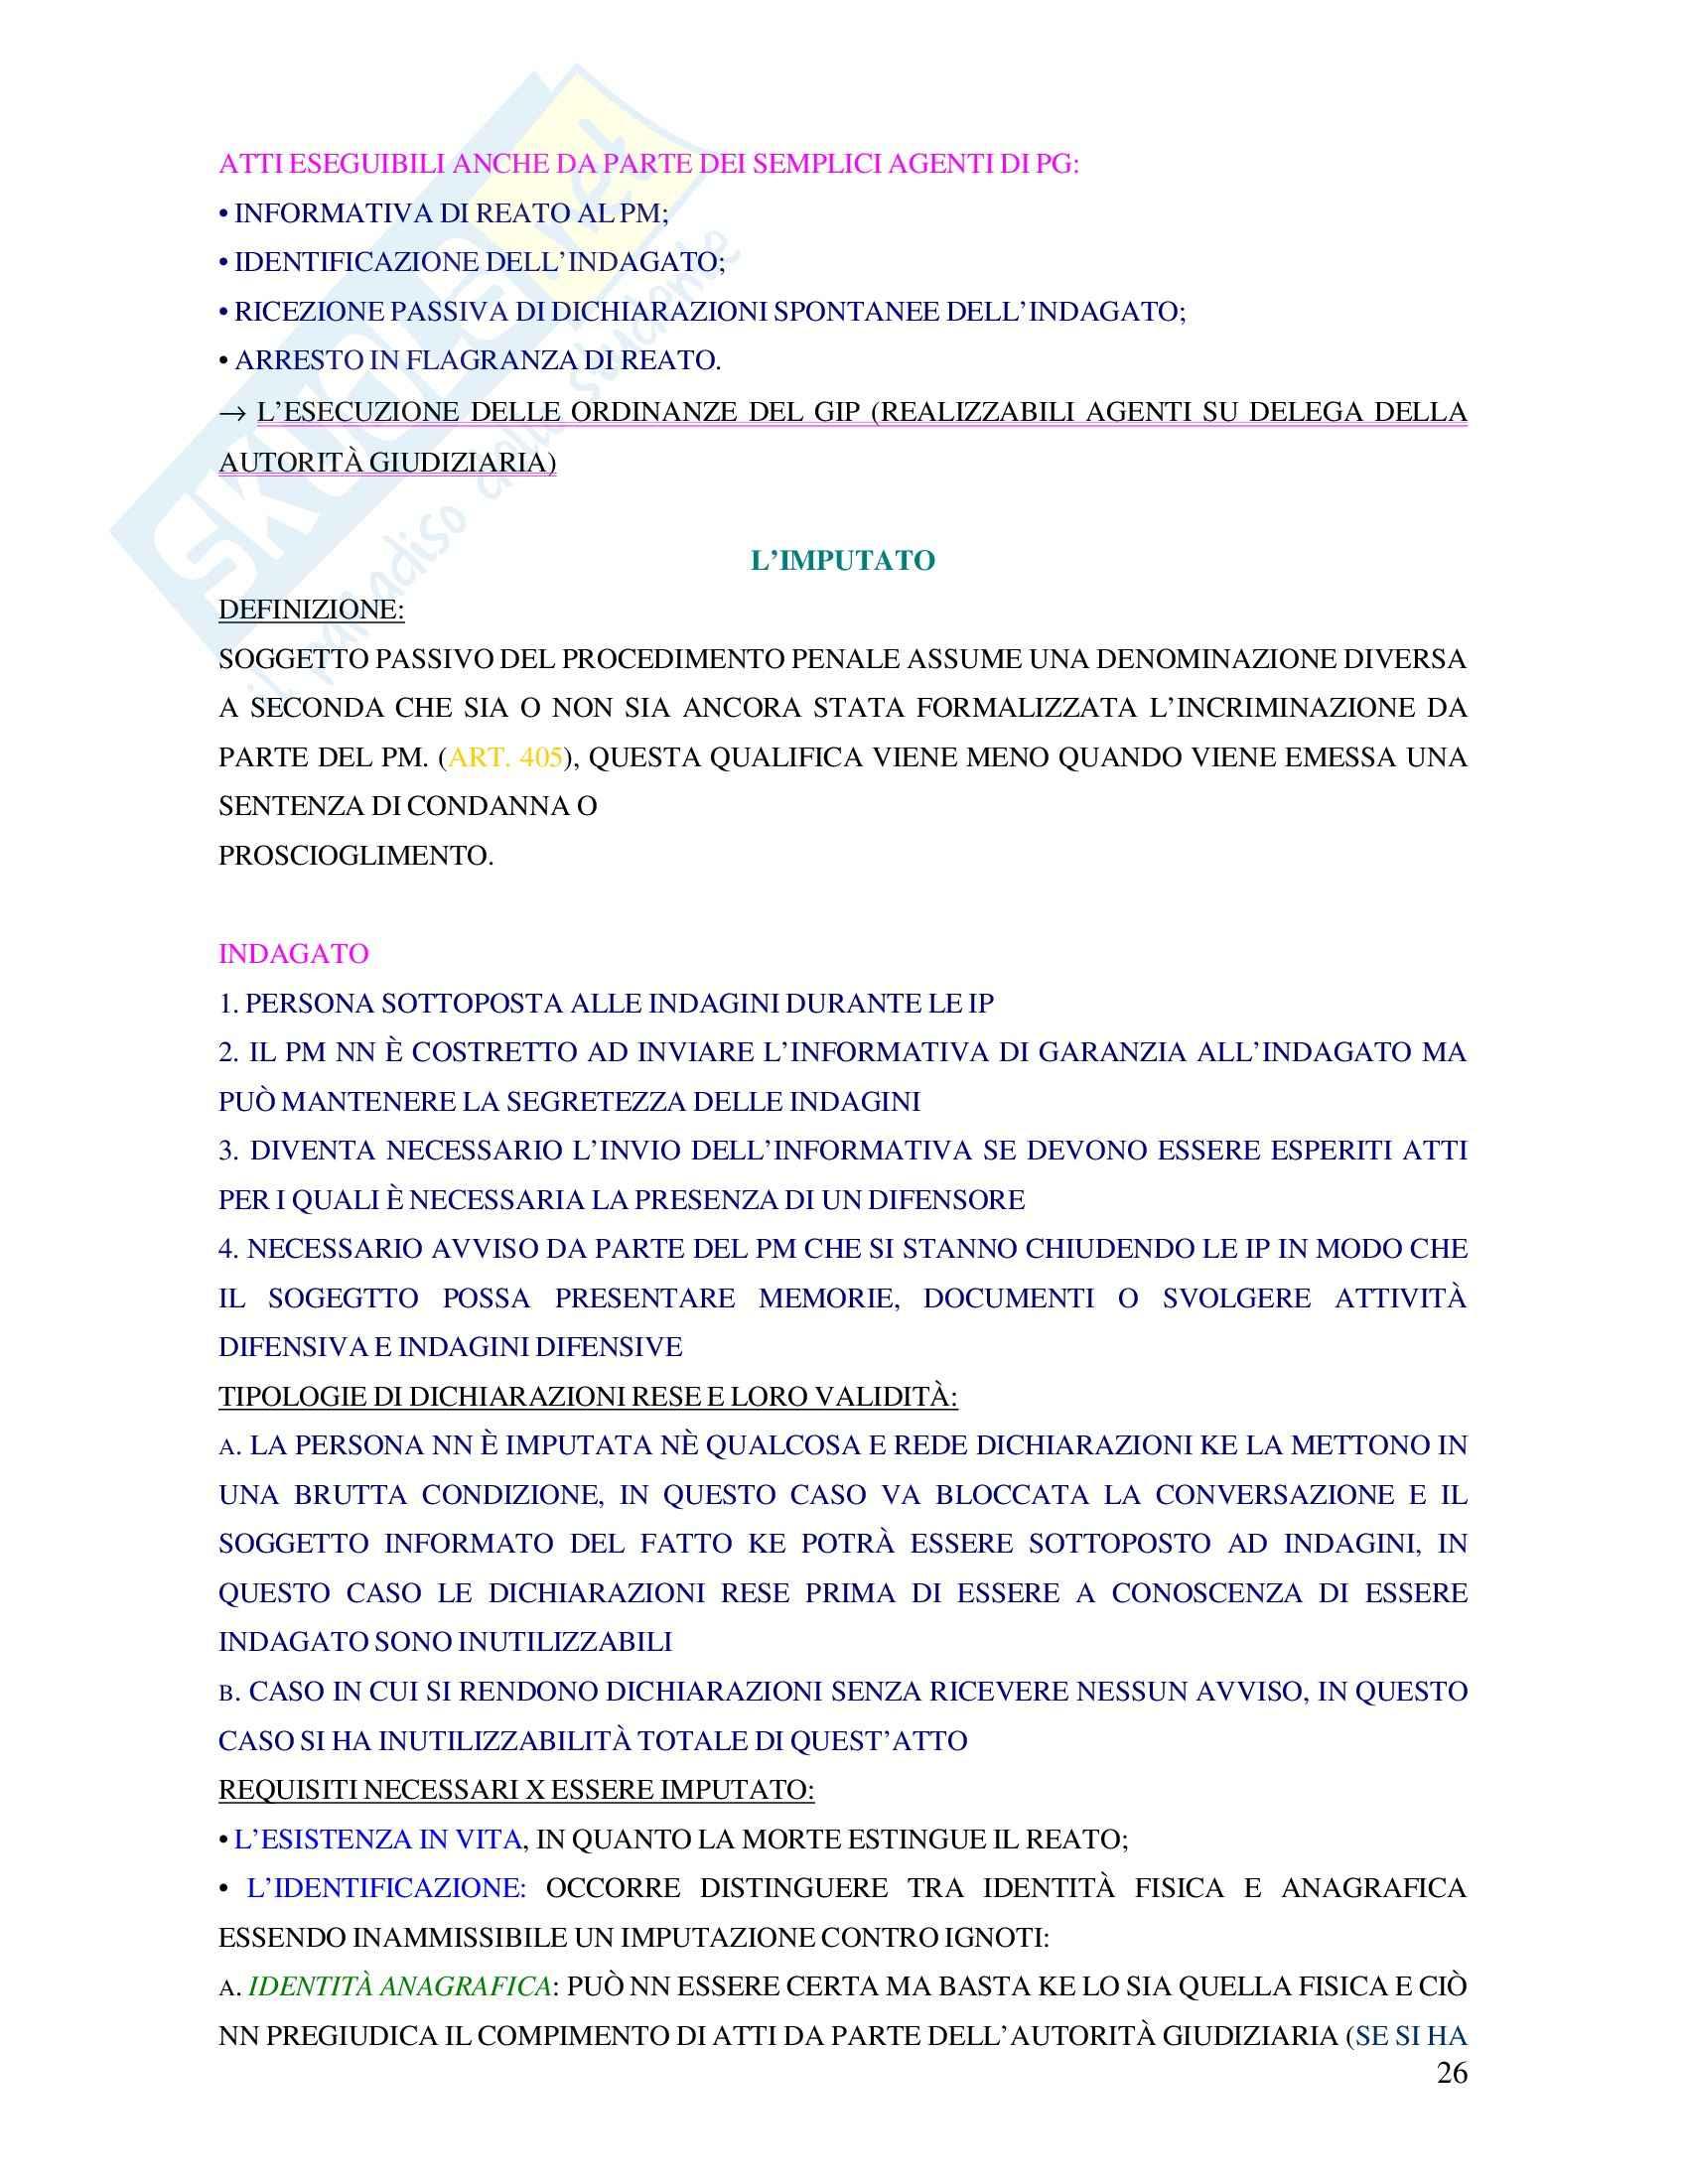 Diritto penale - procedura penale Pag. 26